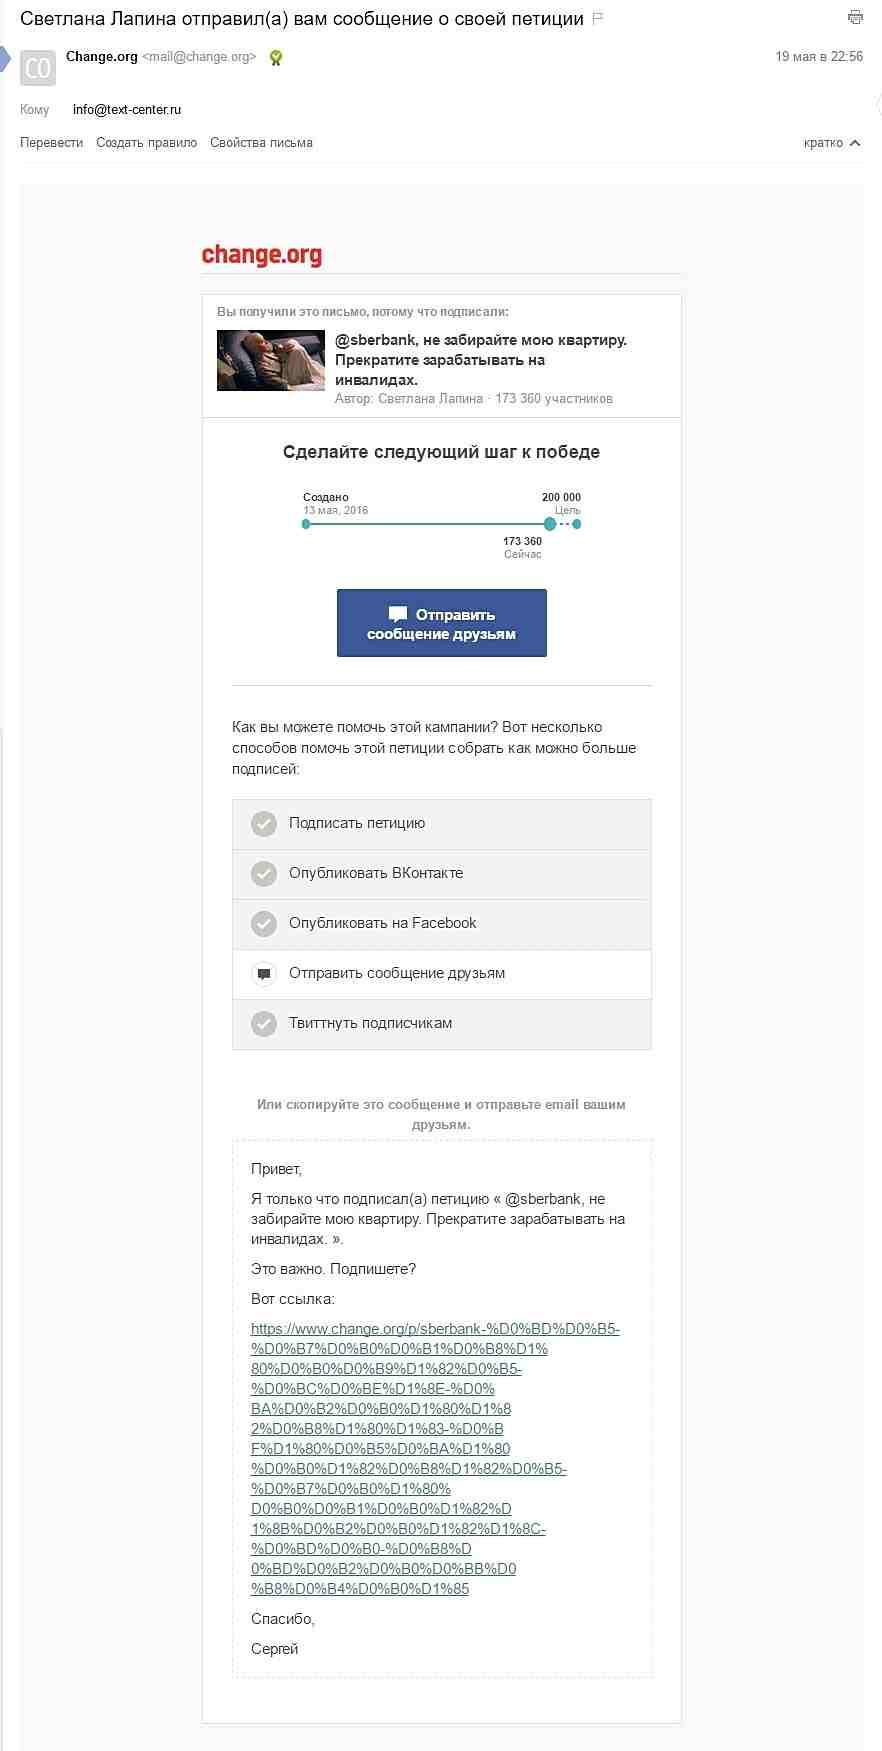 Я подписал петицию Светланы Лапиной